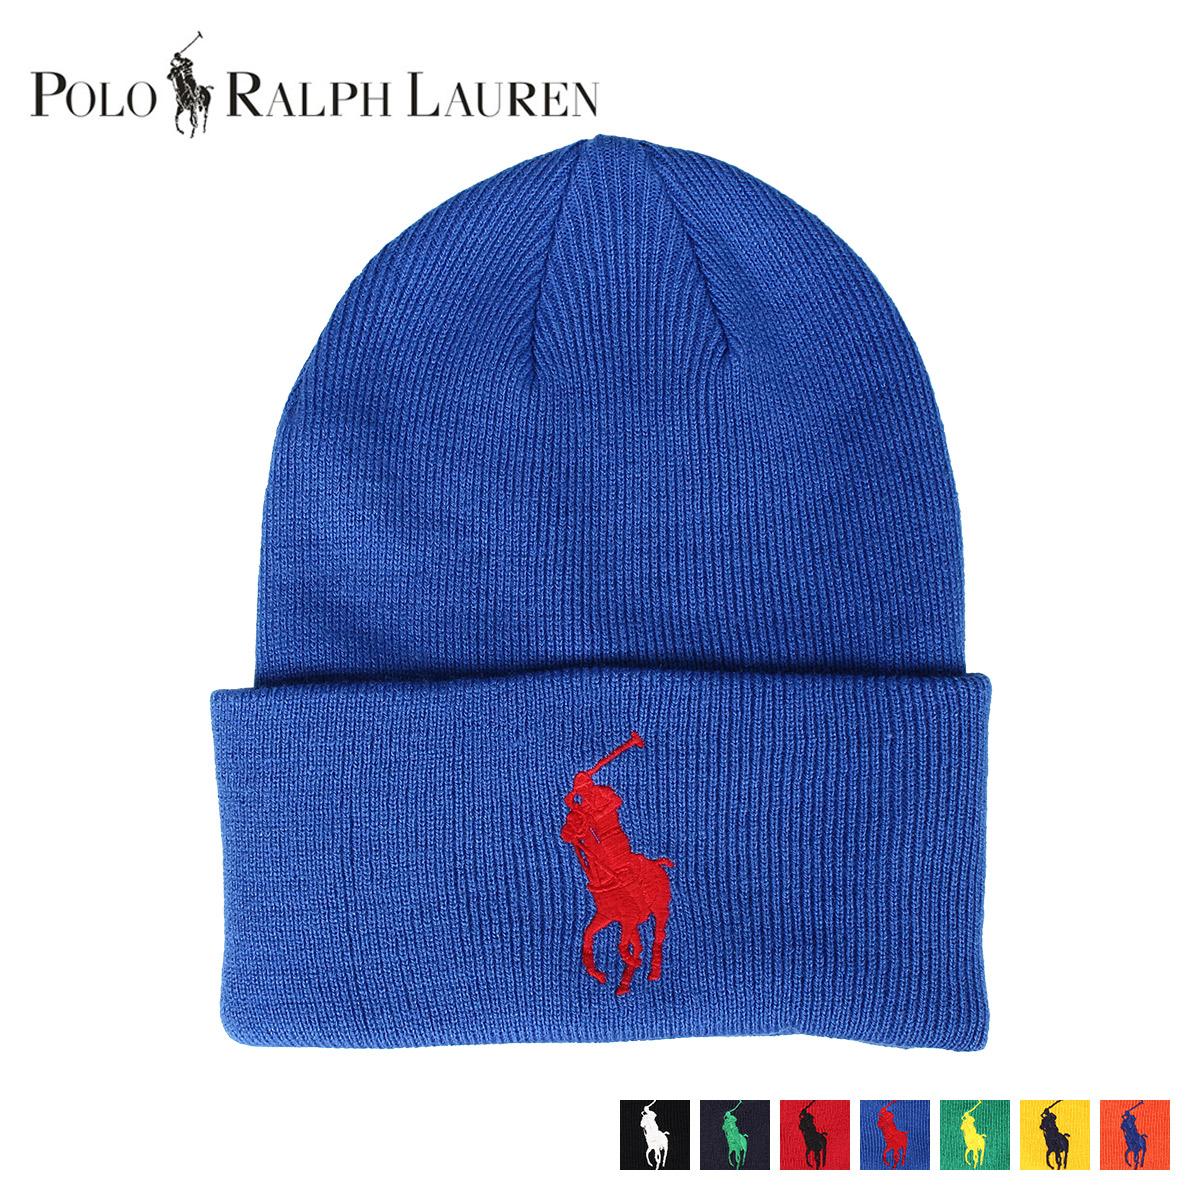 RALPH LAUREN KNIT CAP ラルフローレン ニット帽 ニットキャップ ビーニー メンズ ブラック ネイビー レッド ブルー グリーン イエロー オレンジ 黒 PC0436 [11/20 新入荷]